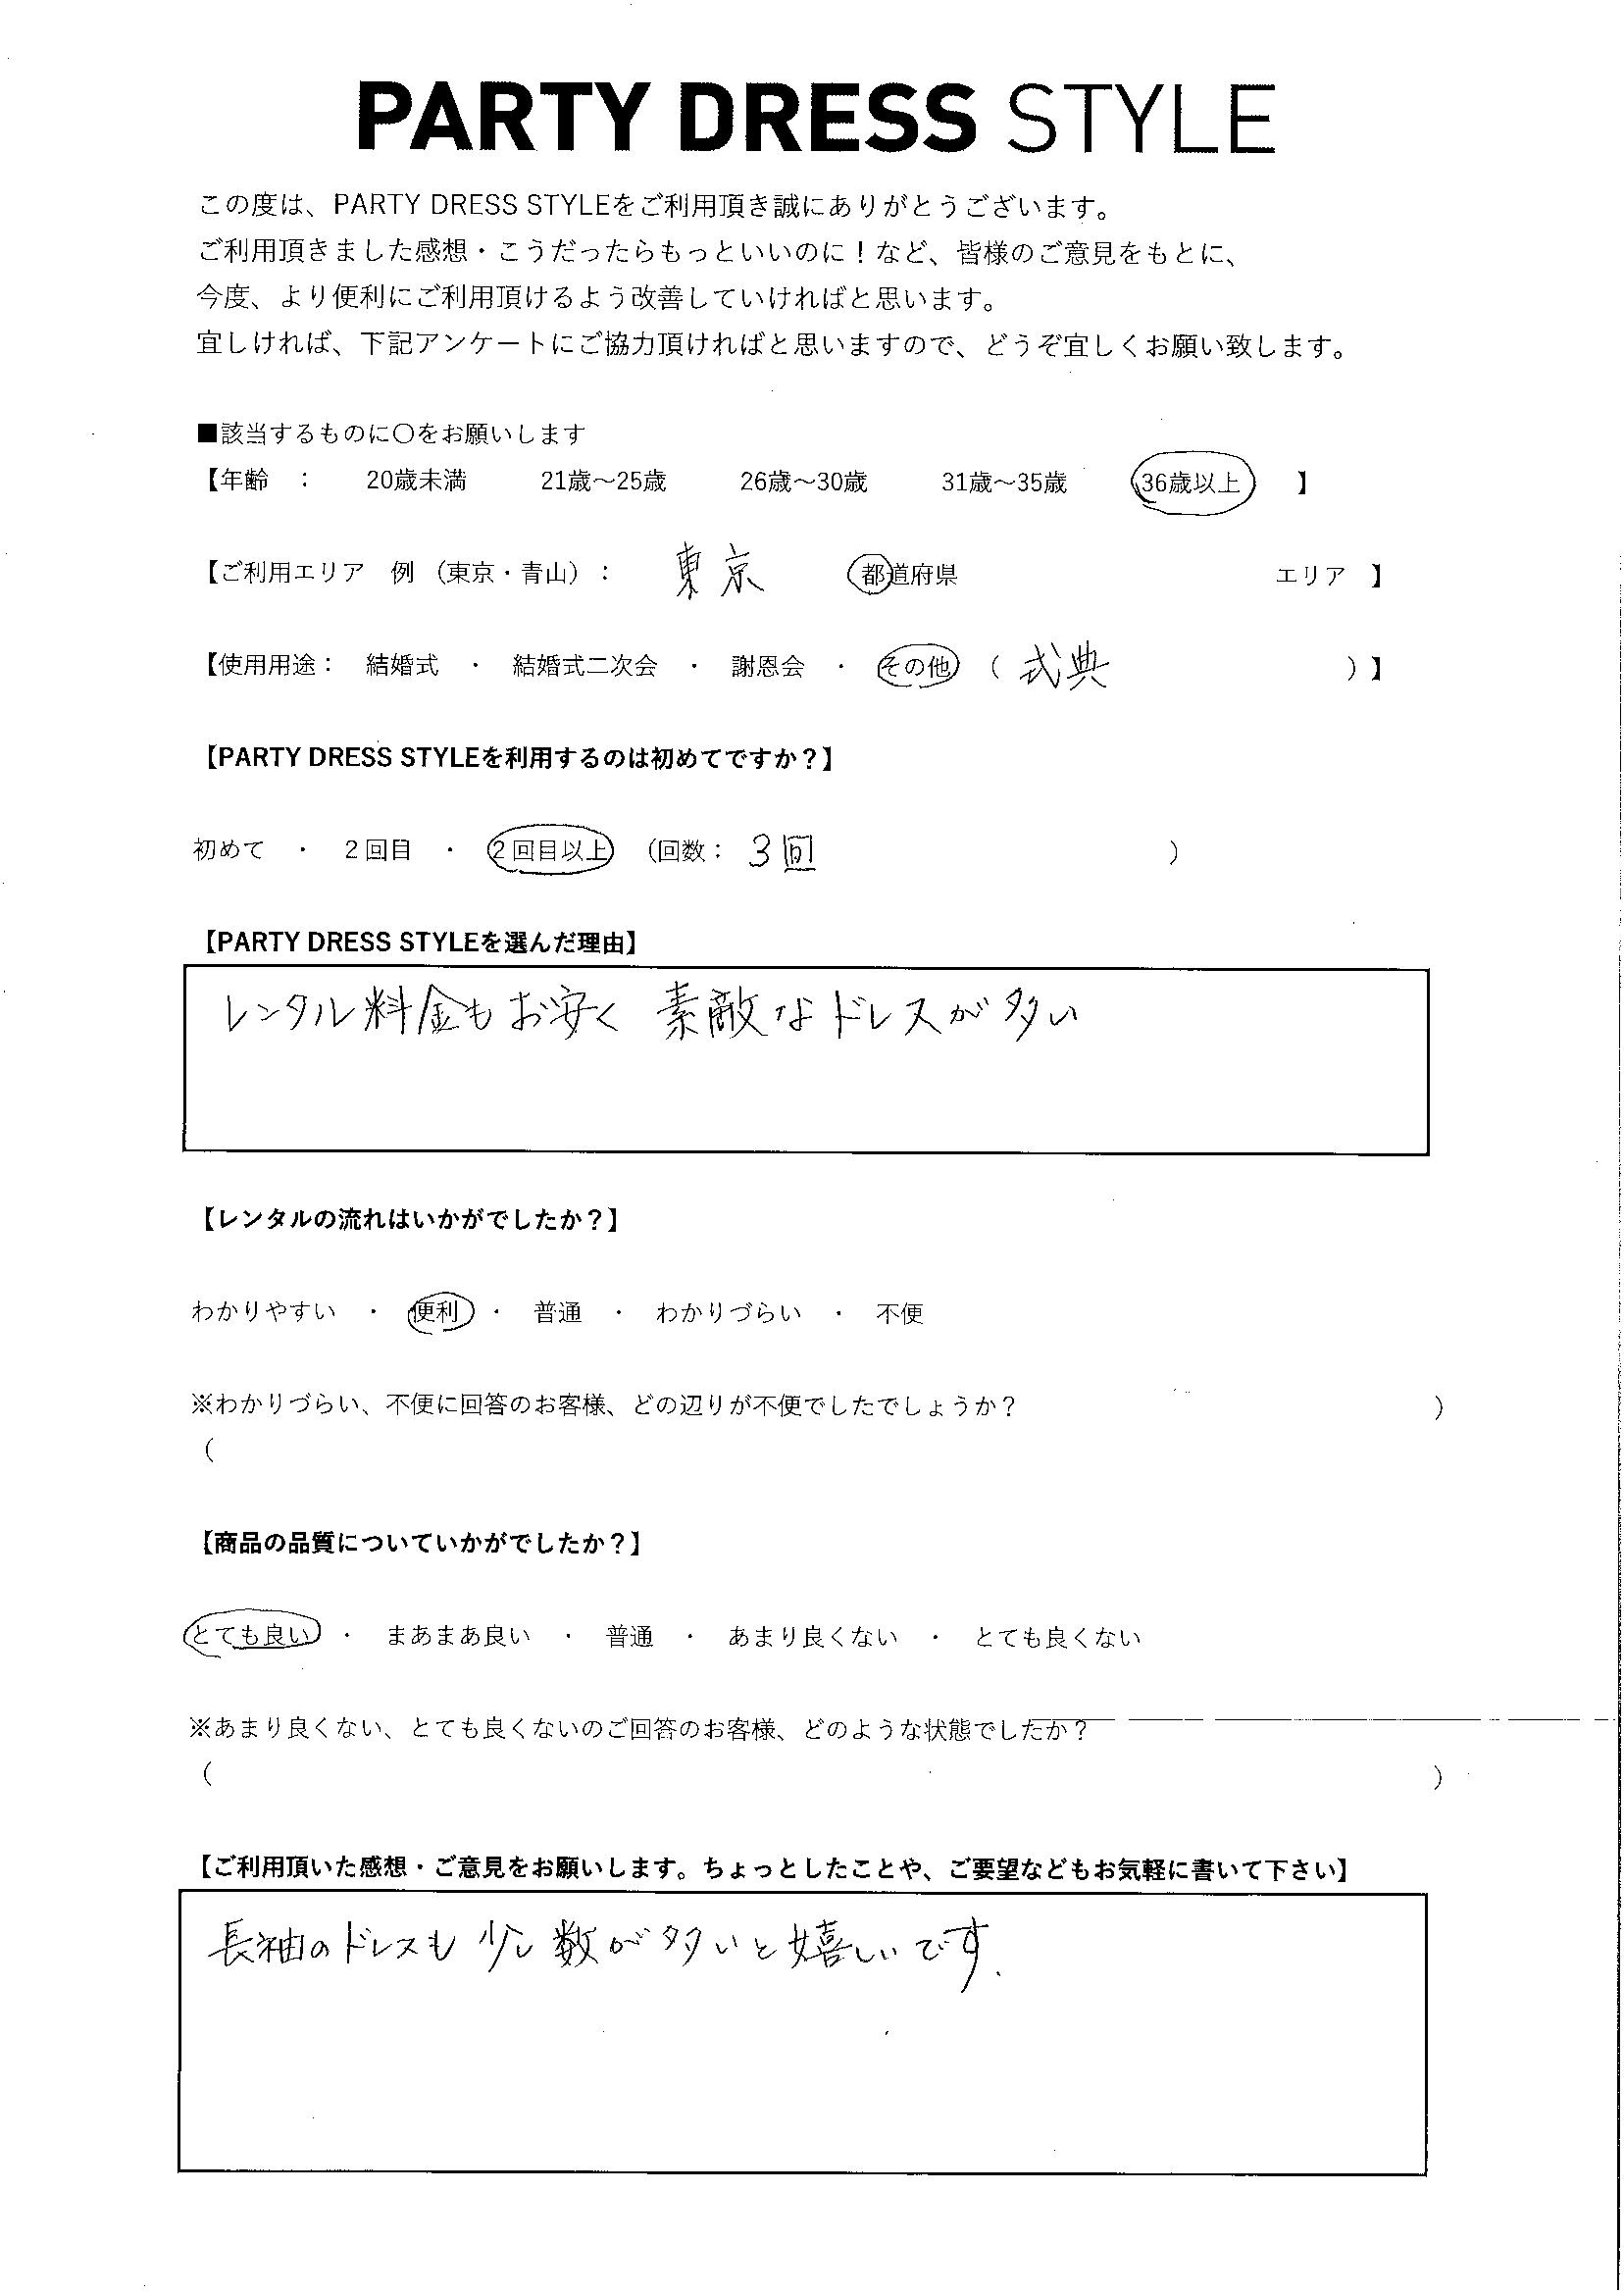 2/4式典ご利用 東京エリア